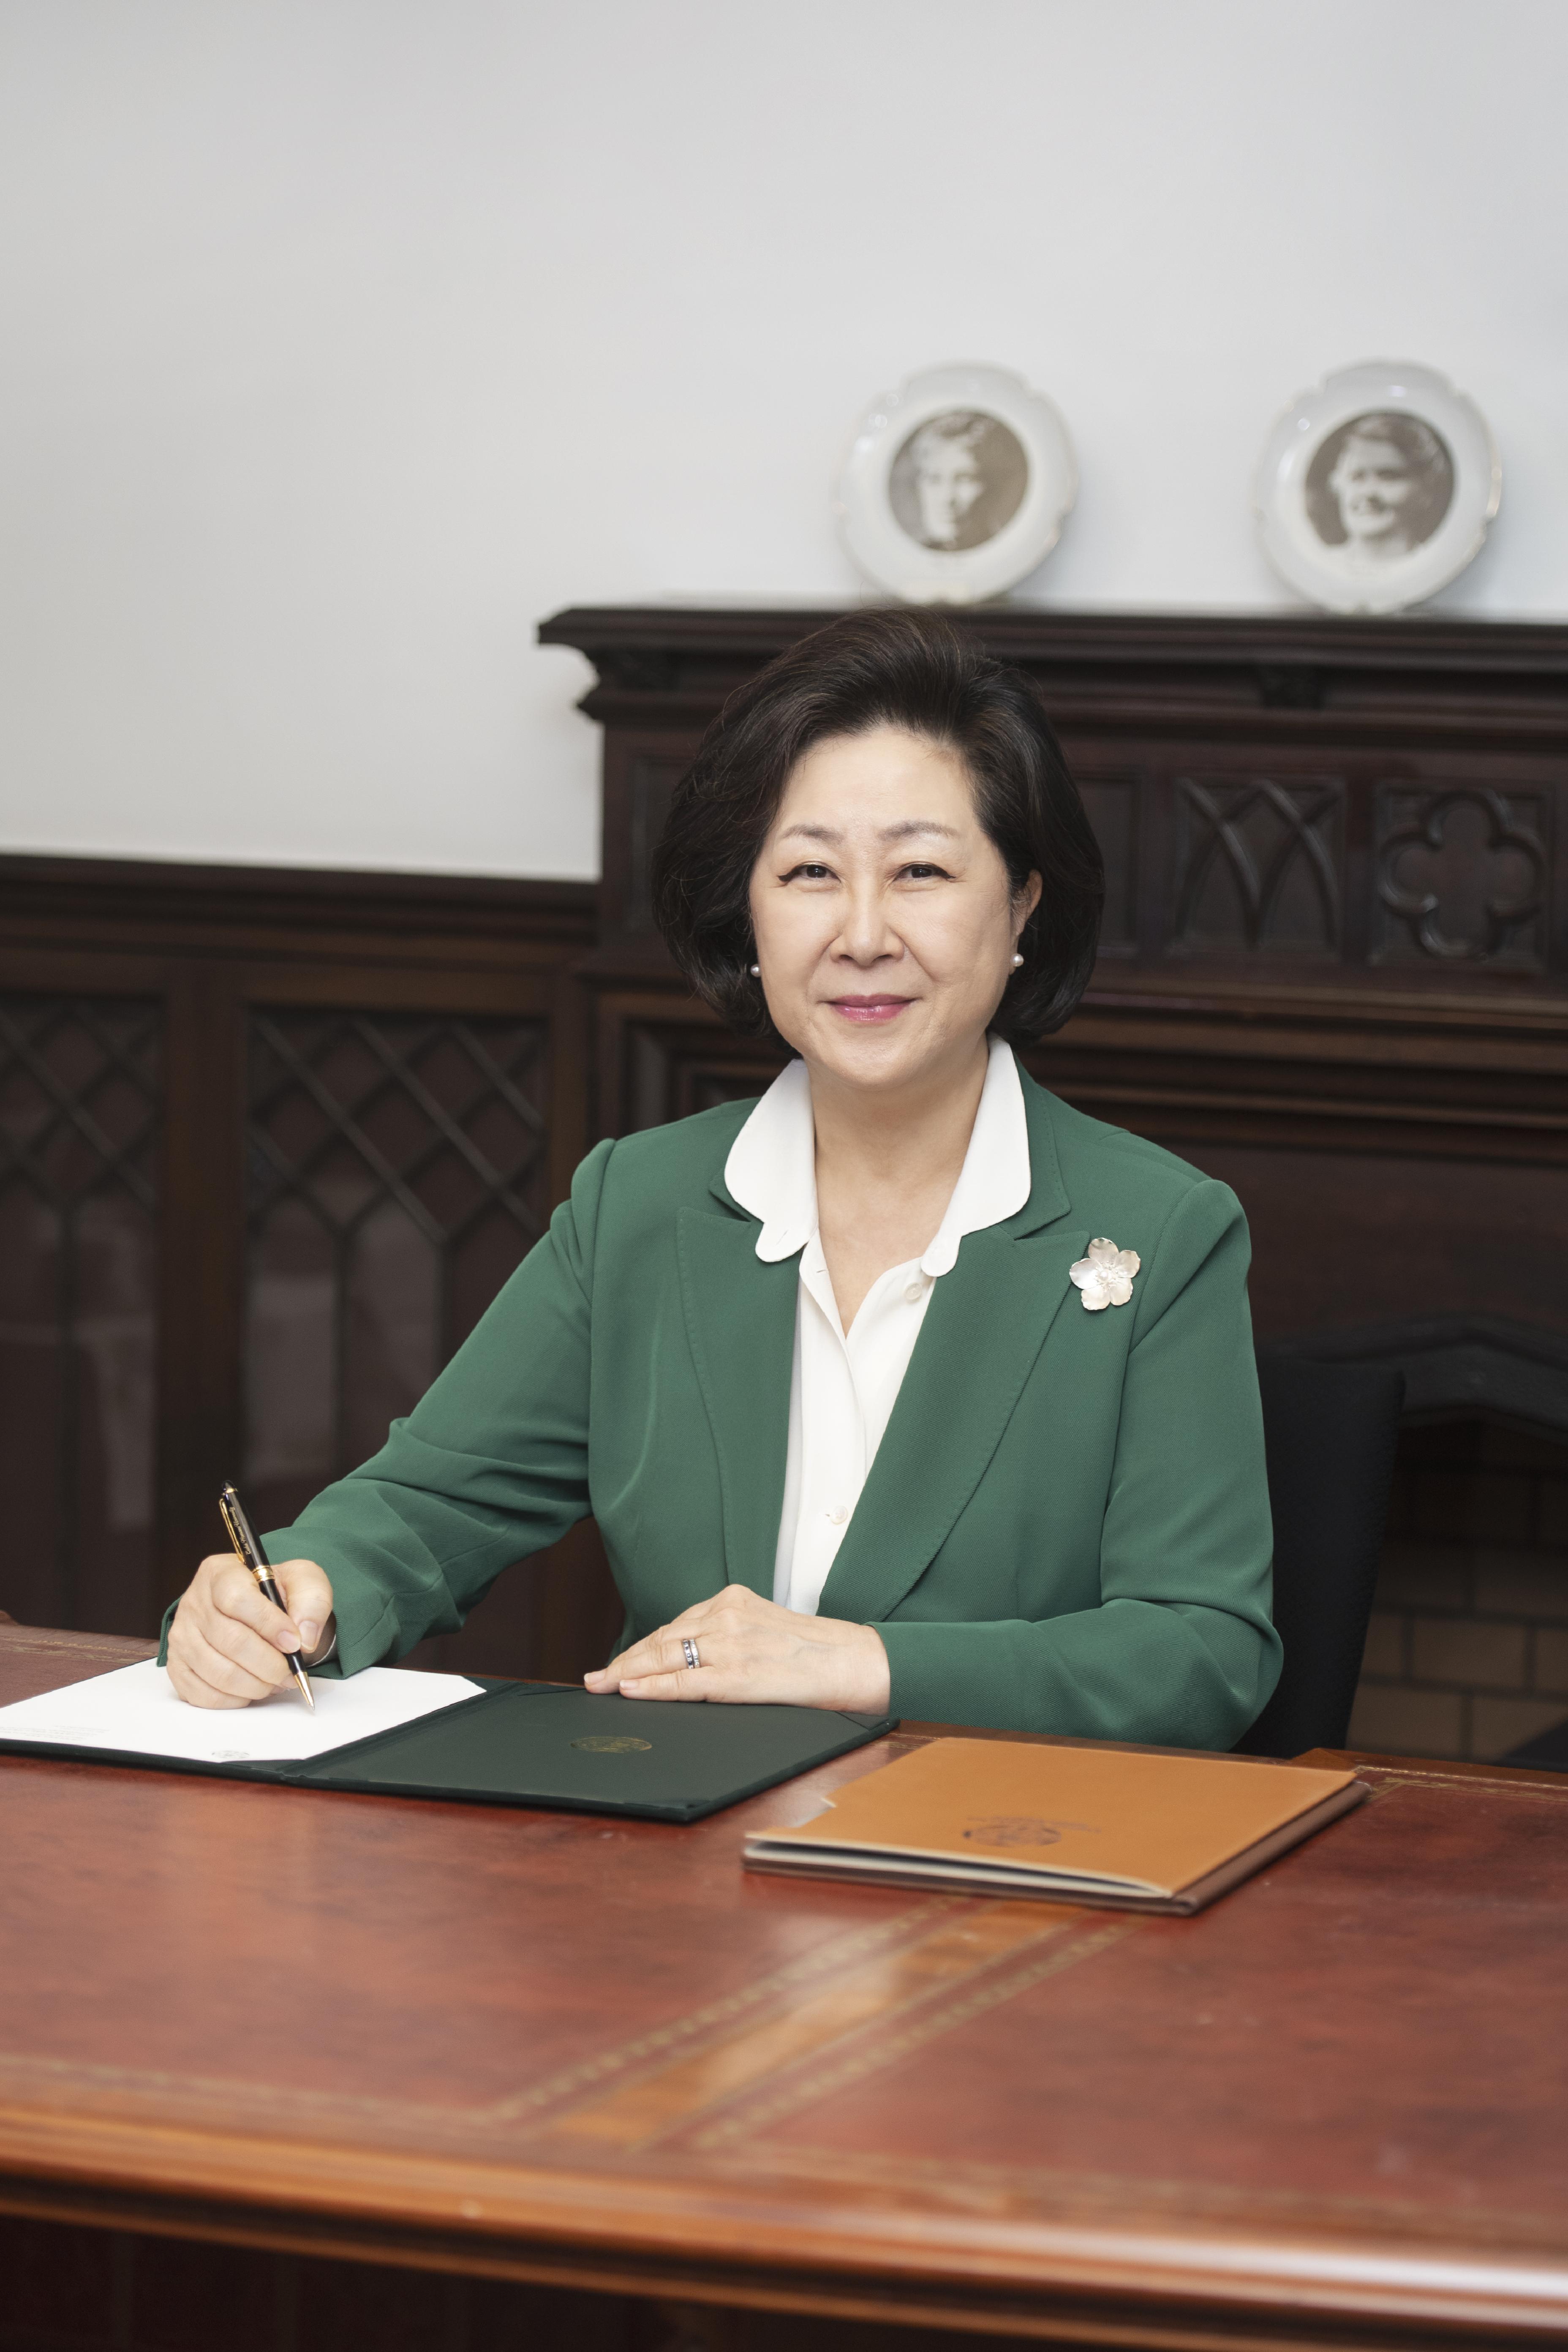 김은미 프로필 사진